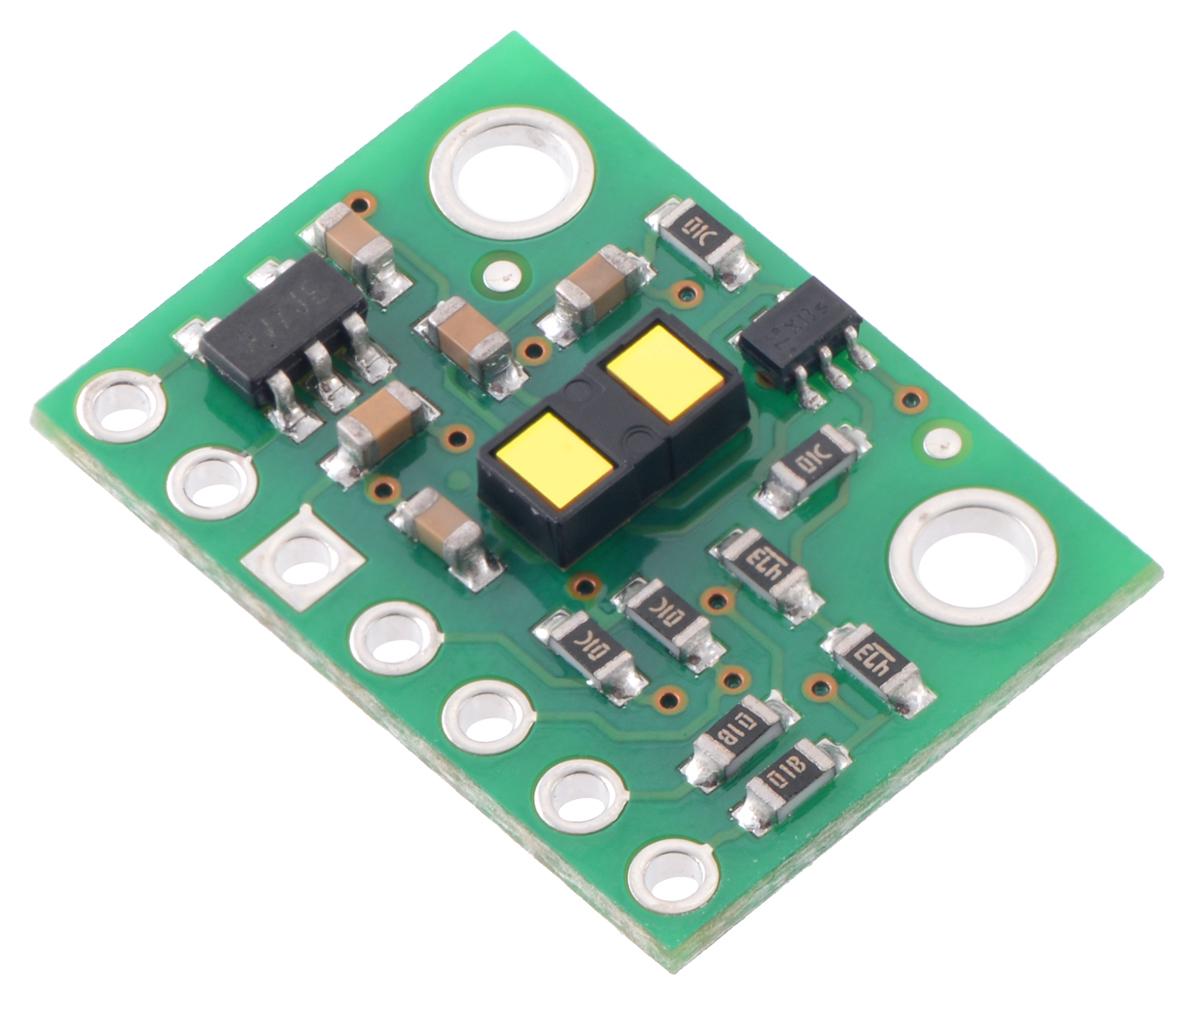 数字化无线采集传感器的研究